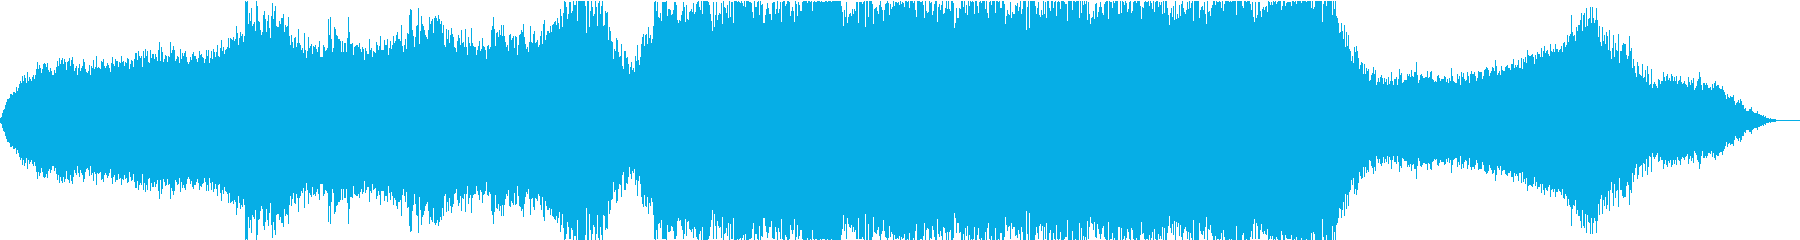 ハイブリッドエピックシネマティックの再生済みの波形